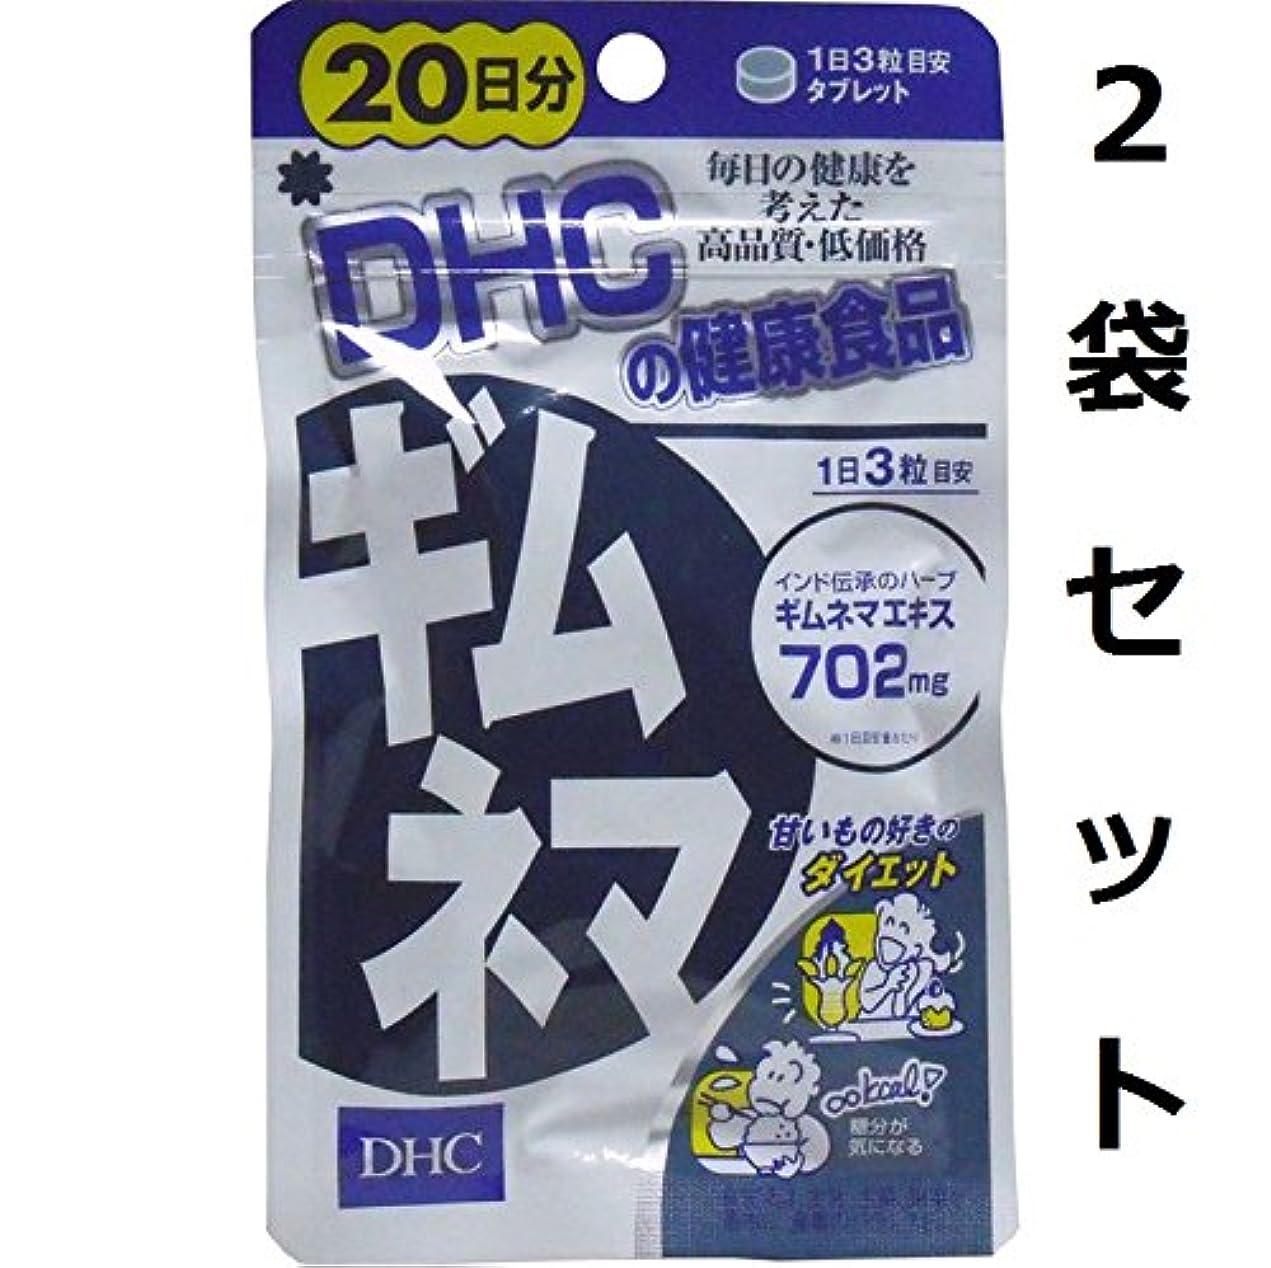 電圧本気指紋我慢せずに余分な糖分をブロック DHC ギムネマ 20日分 60粒 2袋セット